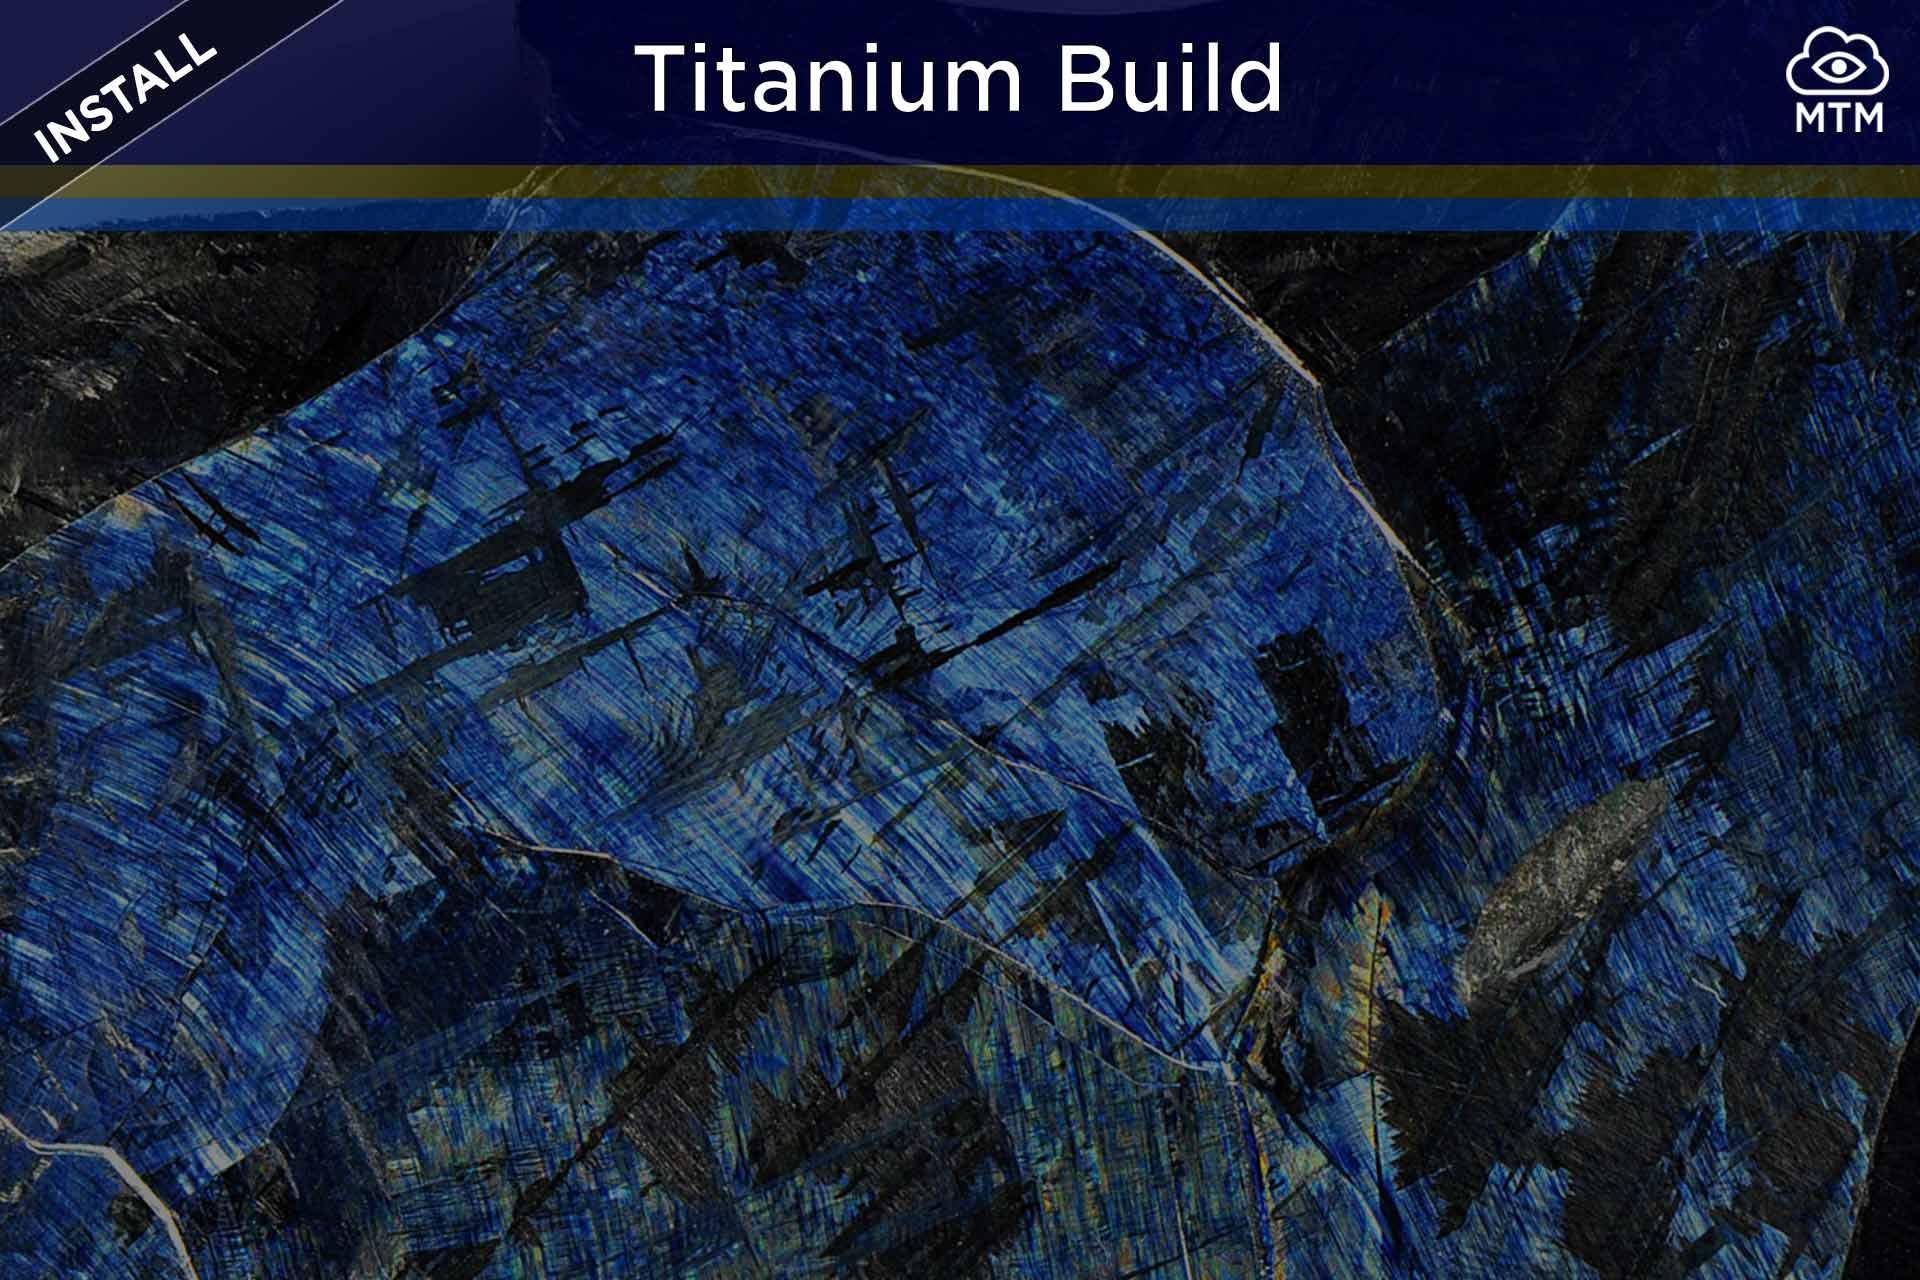 Nola instalatu Titanium Build Kodi-n